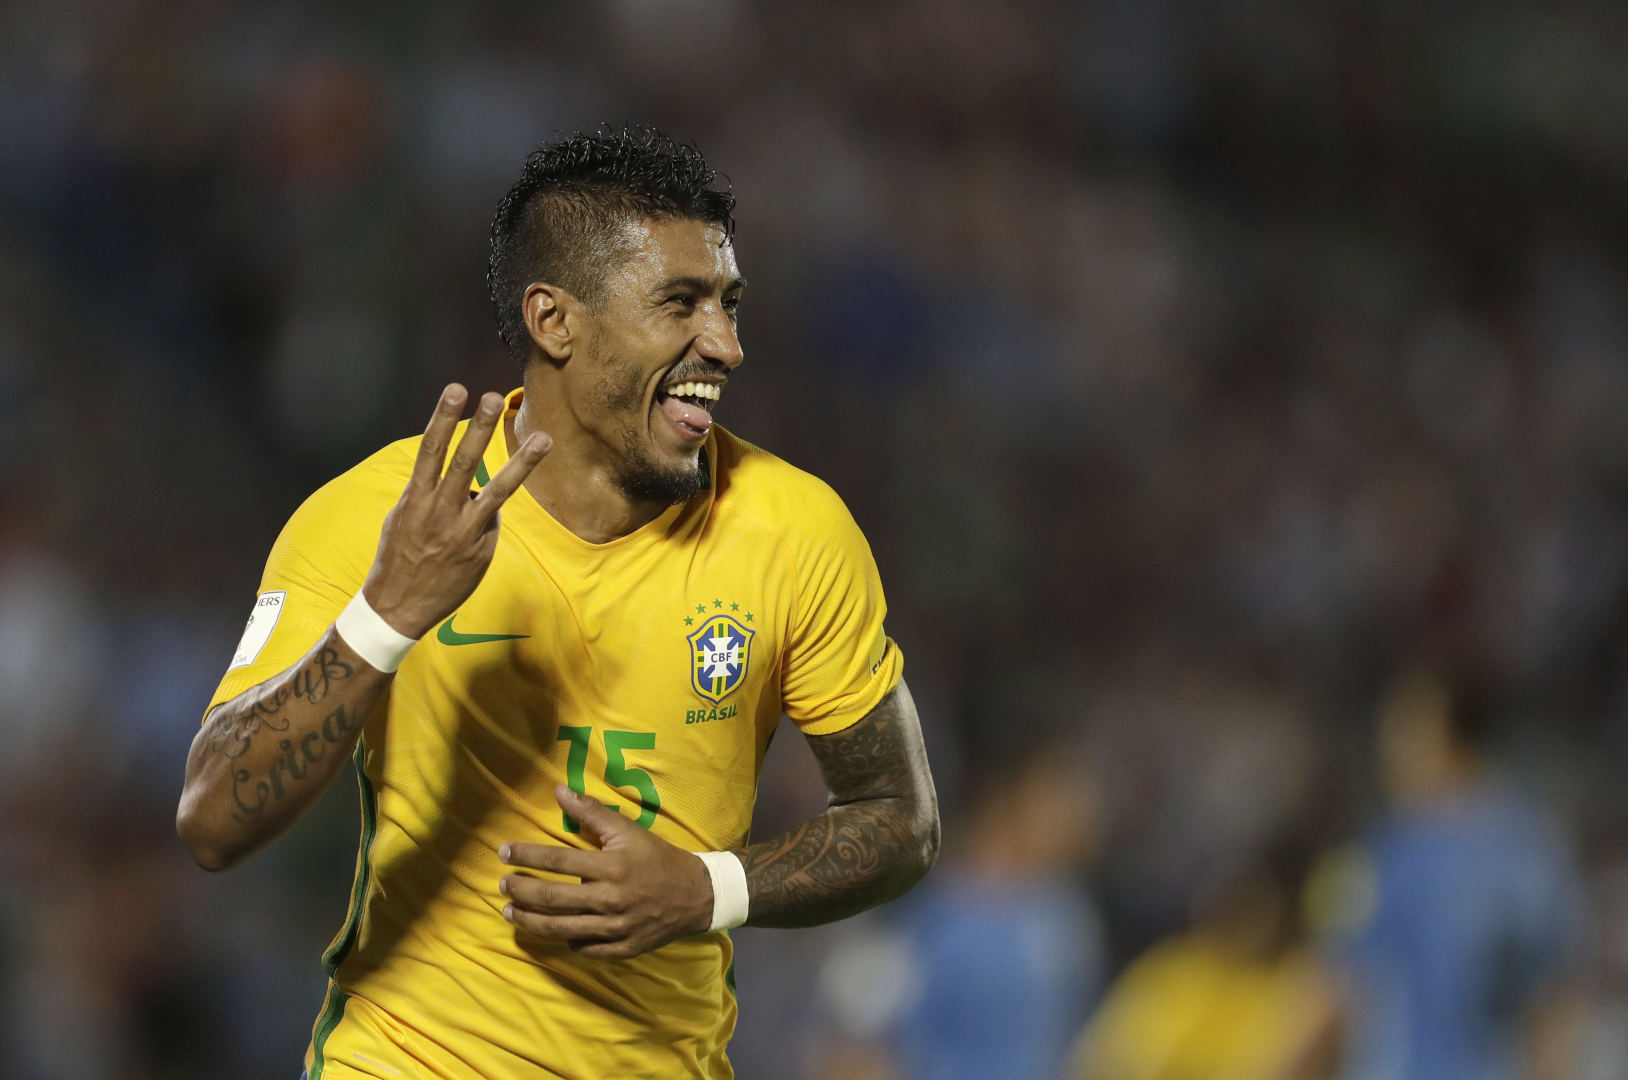 Sợ hụt Coutinho, Barca đón sao từ Trung Quốc - Bóng Đá